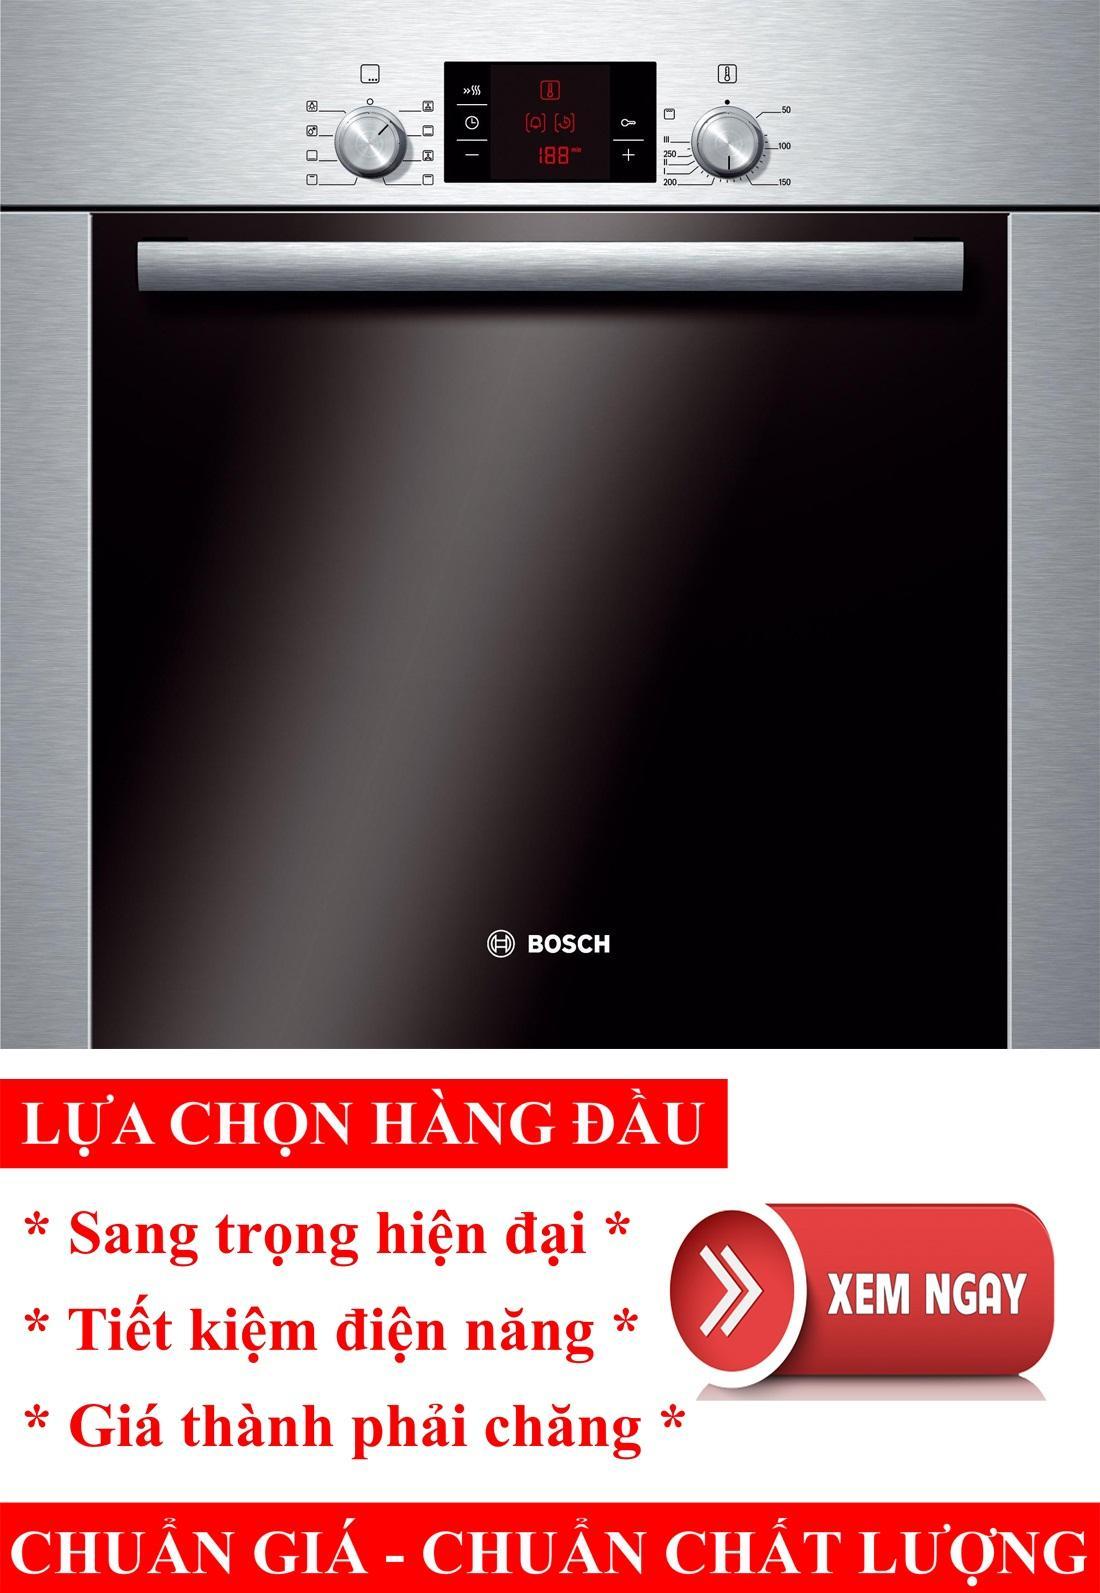 Lò nướng điện đa năng Bosch HBA22B250E, lò nướng điện, lò nướng bánh, lò nướng thủy tinh, lò nướng bánh mì, lò nướng bánh bông lan